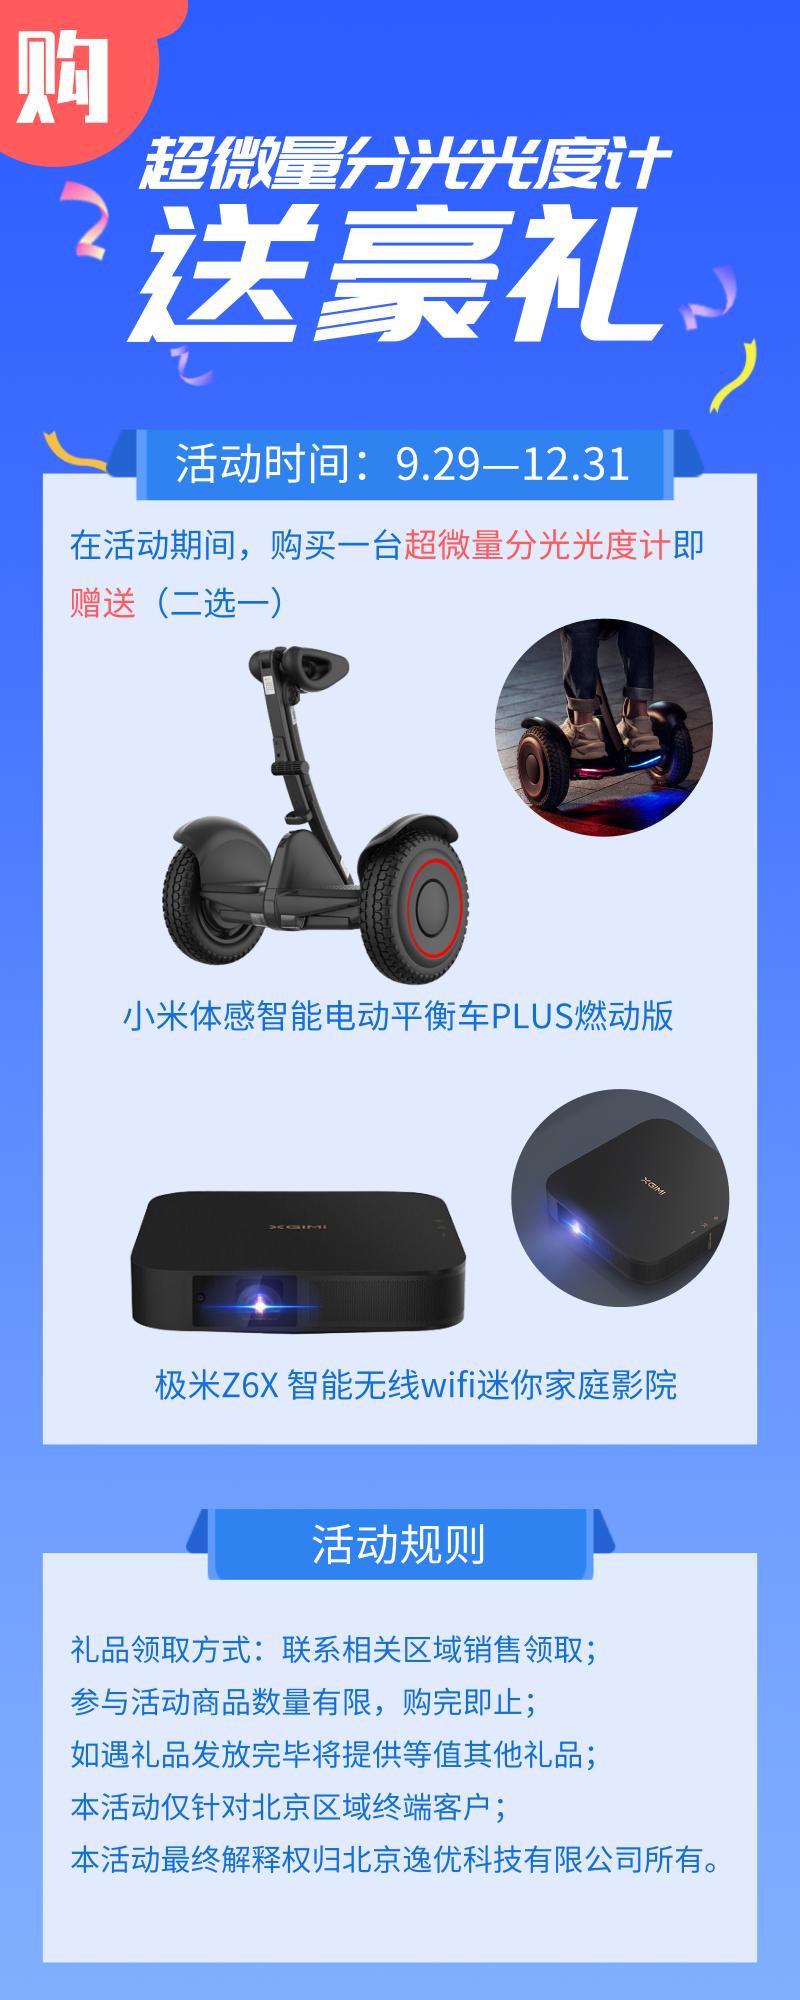 默认标题_长图海报_2019.09.29 (1).png